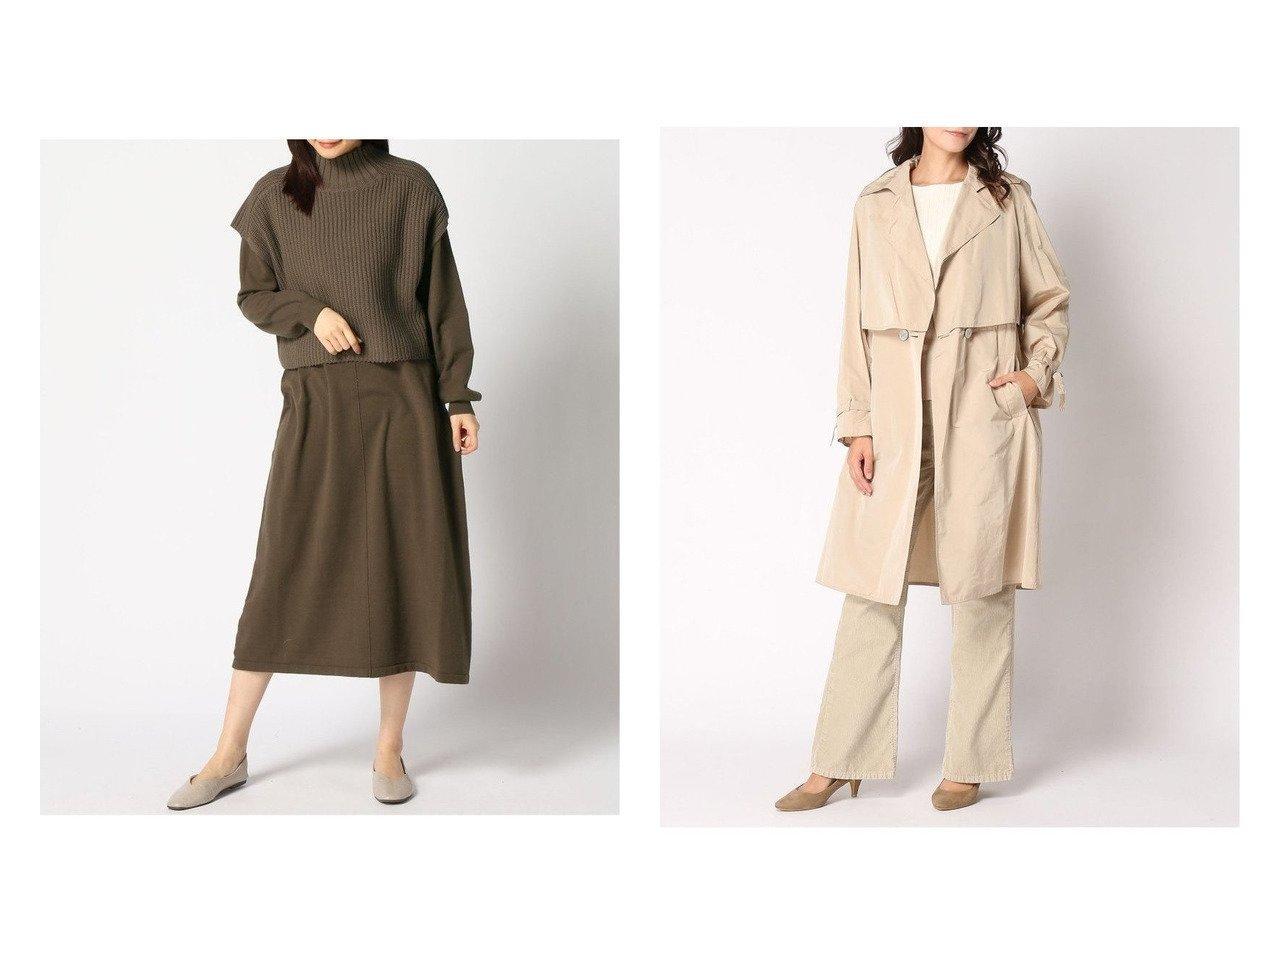 【CIVIDINI/チヴィディーニ】のコート&【studio CLIP/スタディオ クリップ】のニットベストXOPセット アウターのおすすめ!人気、トレンド・レディースファッションの通販 おすすめで人気の流行・トレンド、ファッションの通販商品 メンズファッション・キッズファッション・インテリア・家具・レディースファッション・服の通販 founy(ファニー) https://founy.com/ ファッション Fashion レディースファッション WOMEN アウター Coat Outerwear コート Coats ジャケット Jackets トレンチコート Trench Coats NEW・新作・新着・新入荷 New Arrivals シンプル ベスト ジャケット ロング |ID:crp329100000016358